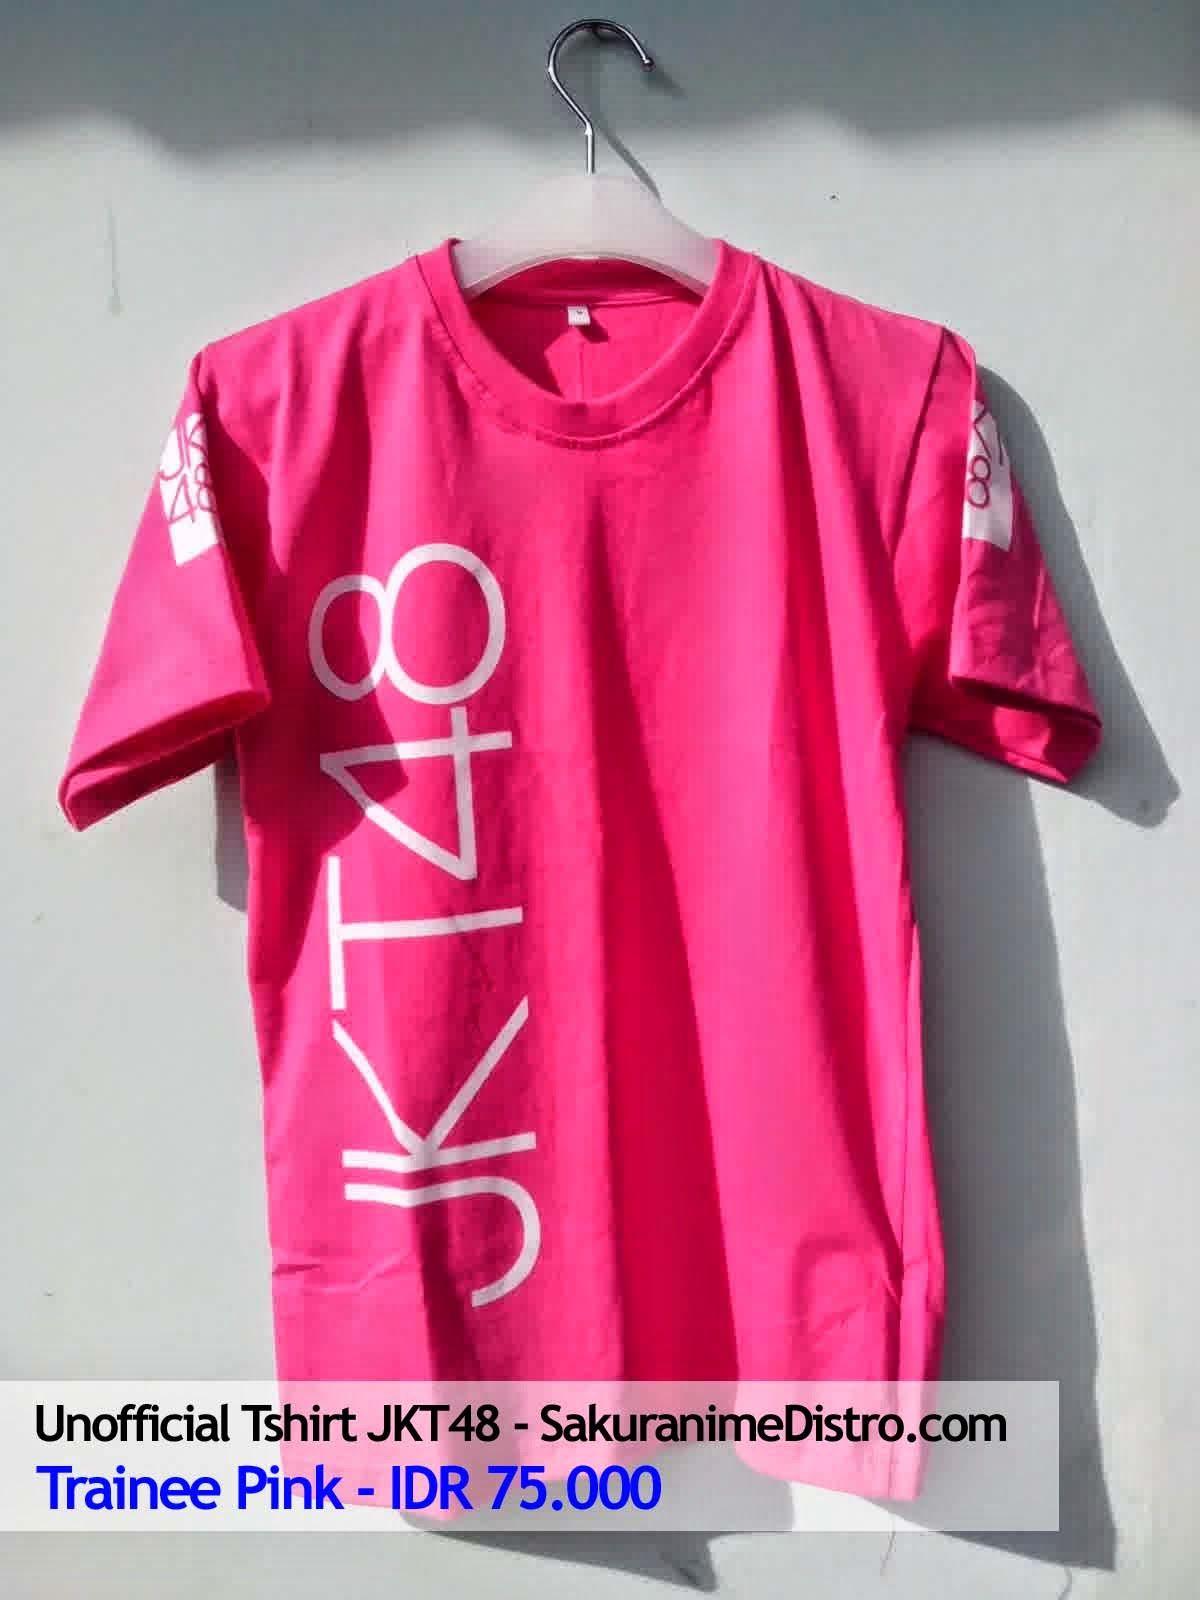 Desain t shirt jkt48 - Jual Kaos Jkt48 Trainee Pink Minat Hubungi 085727298852 Sms Wa Pin Bb 51781db2